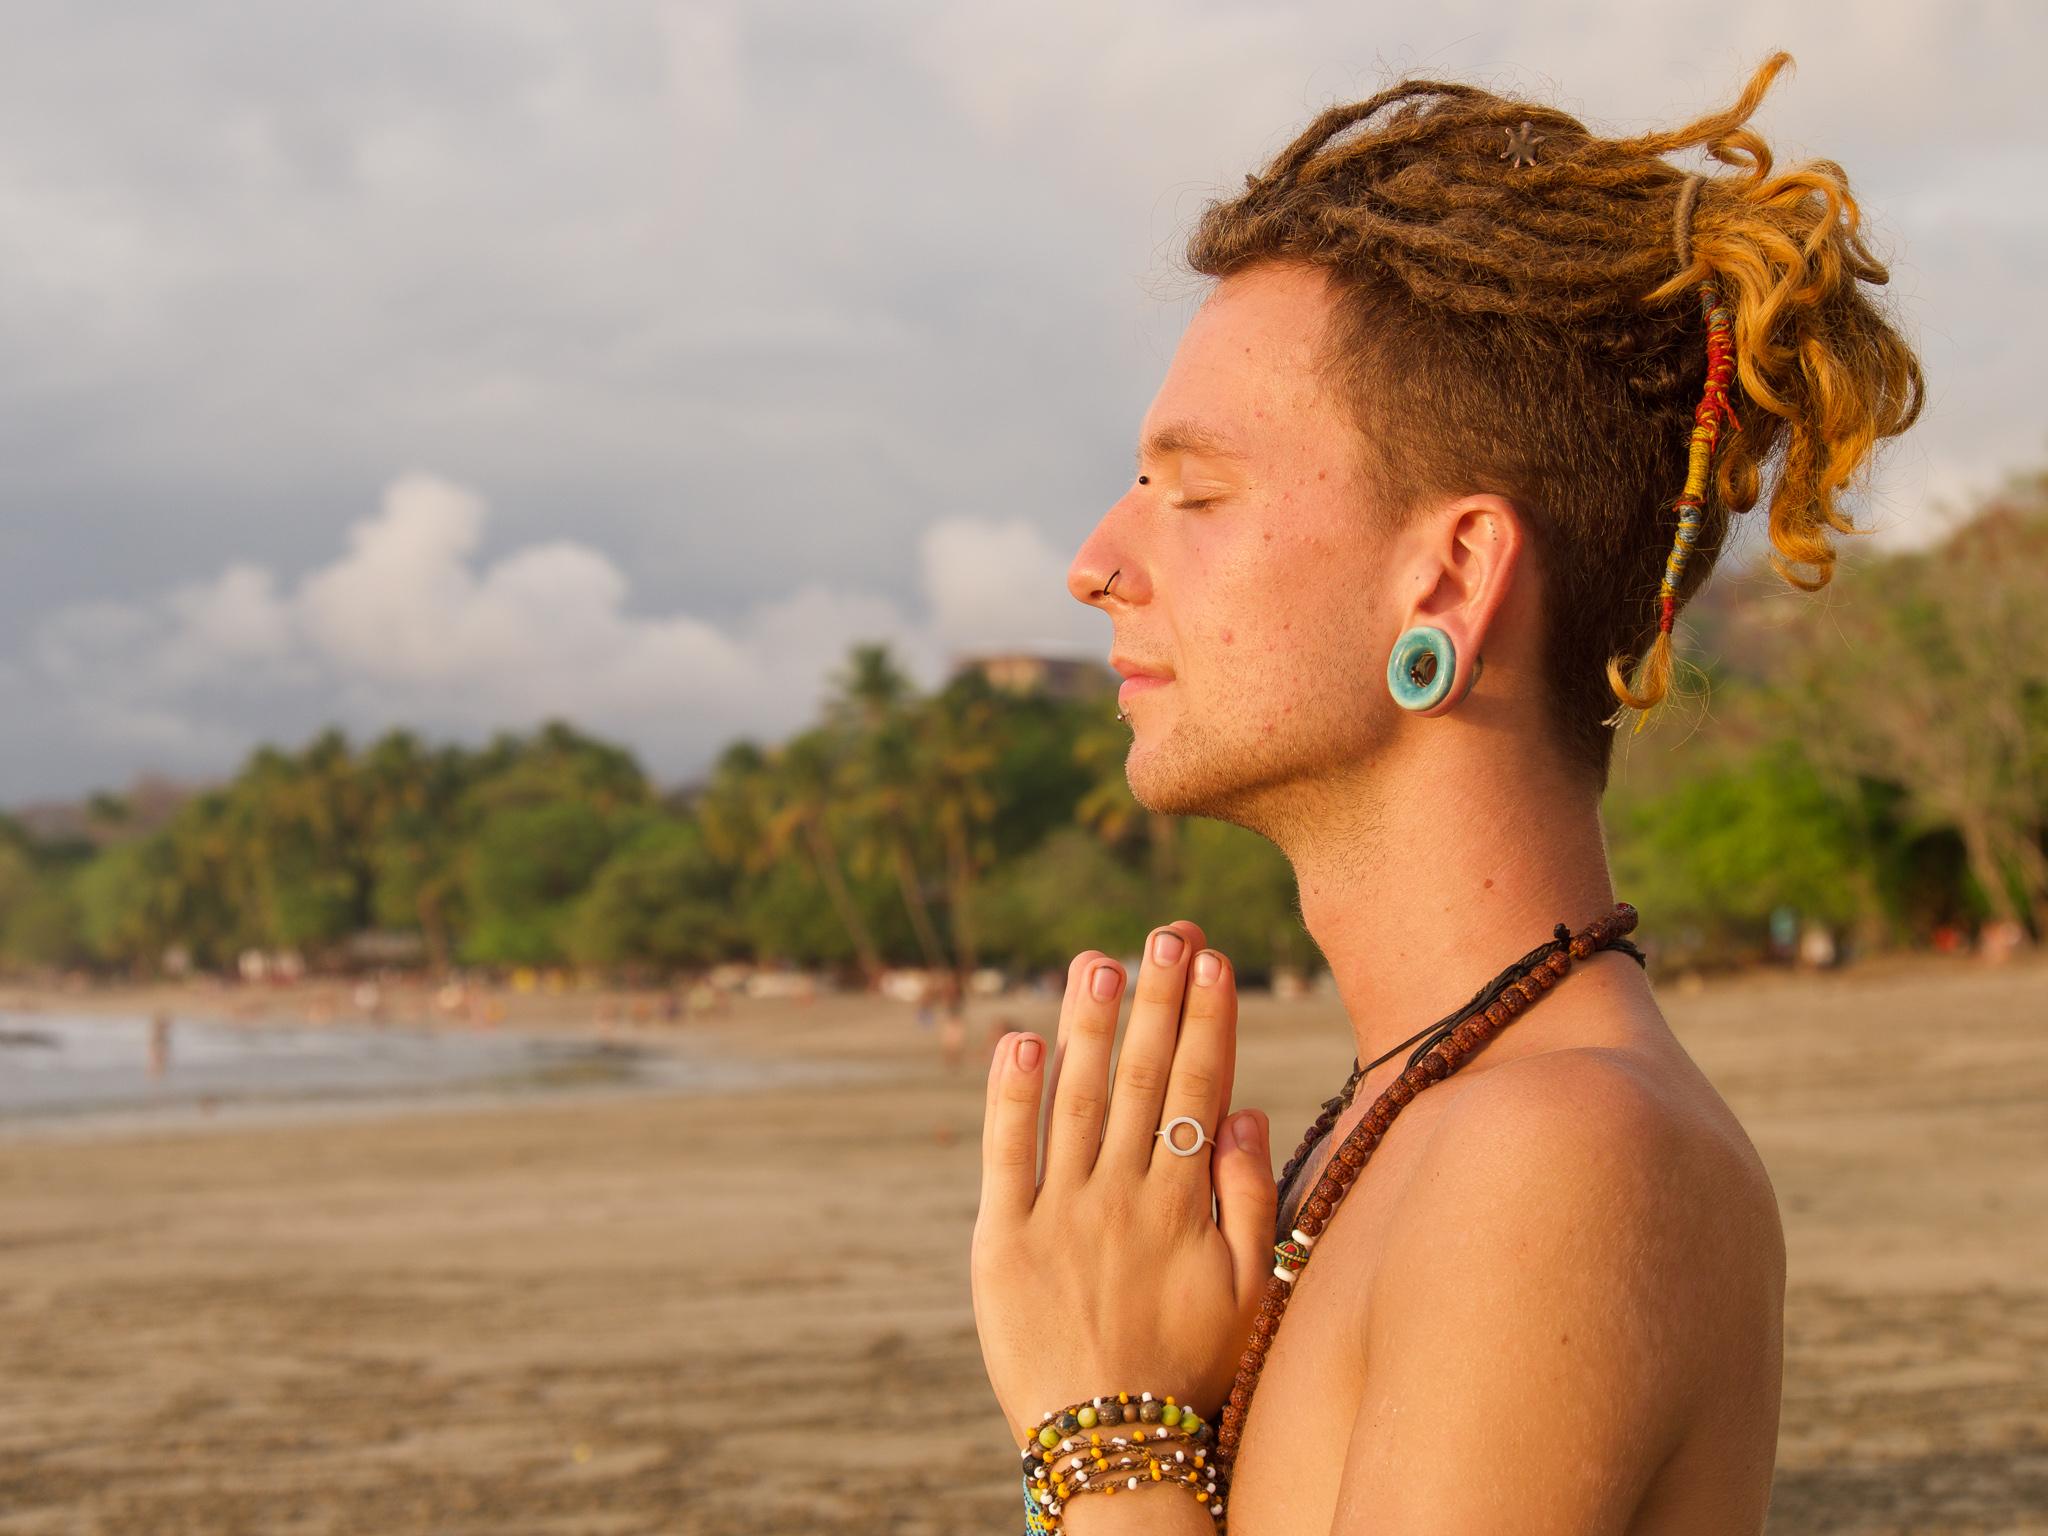 Robbie-prayer